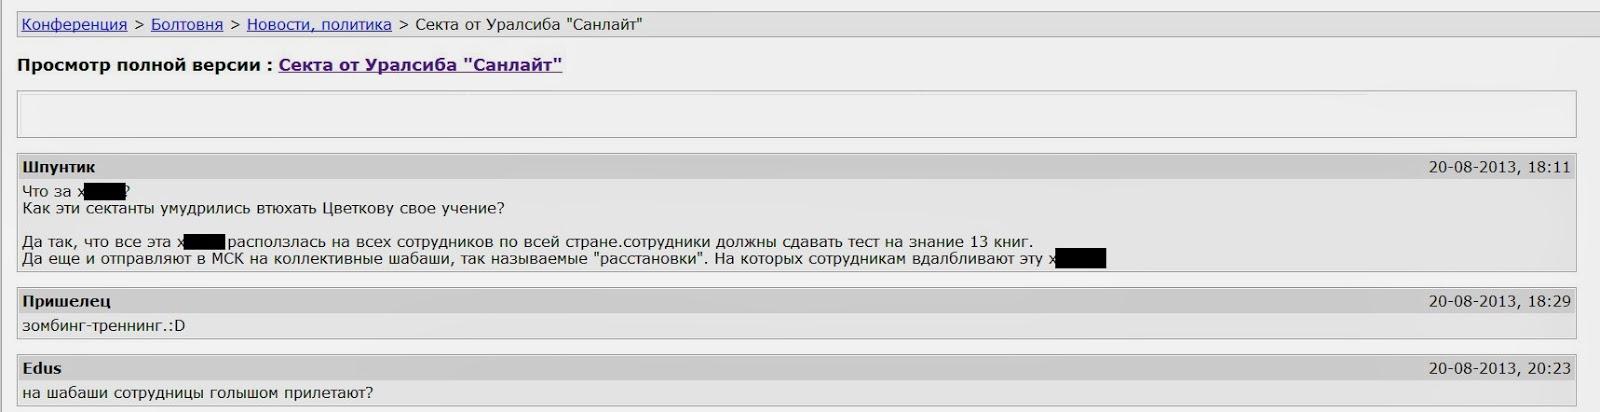 sekta_forum.jpg